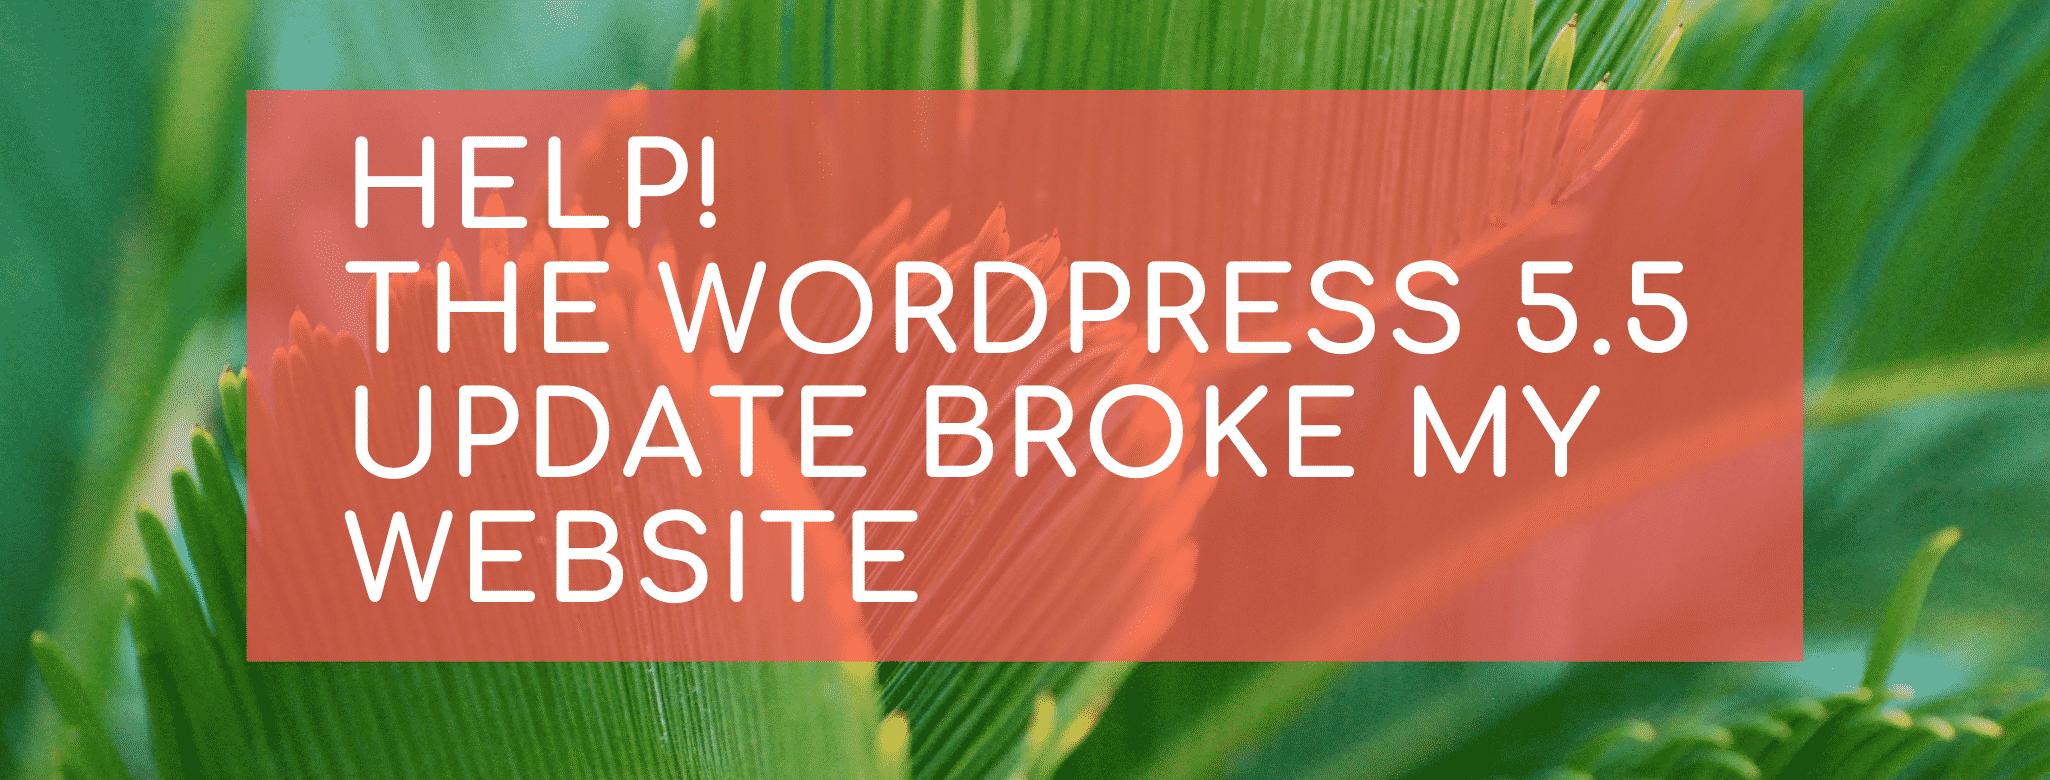 Help WP 5.5 broke my site